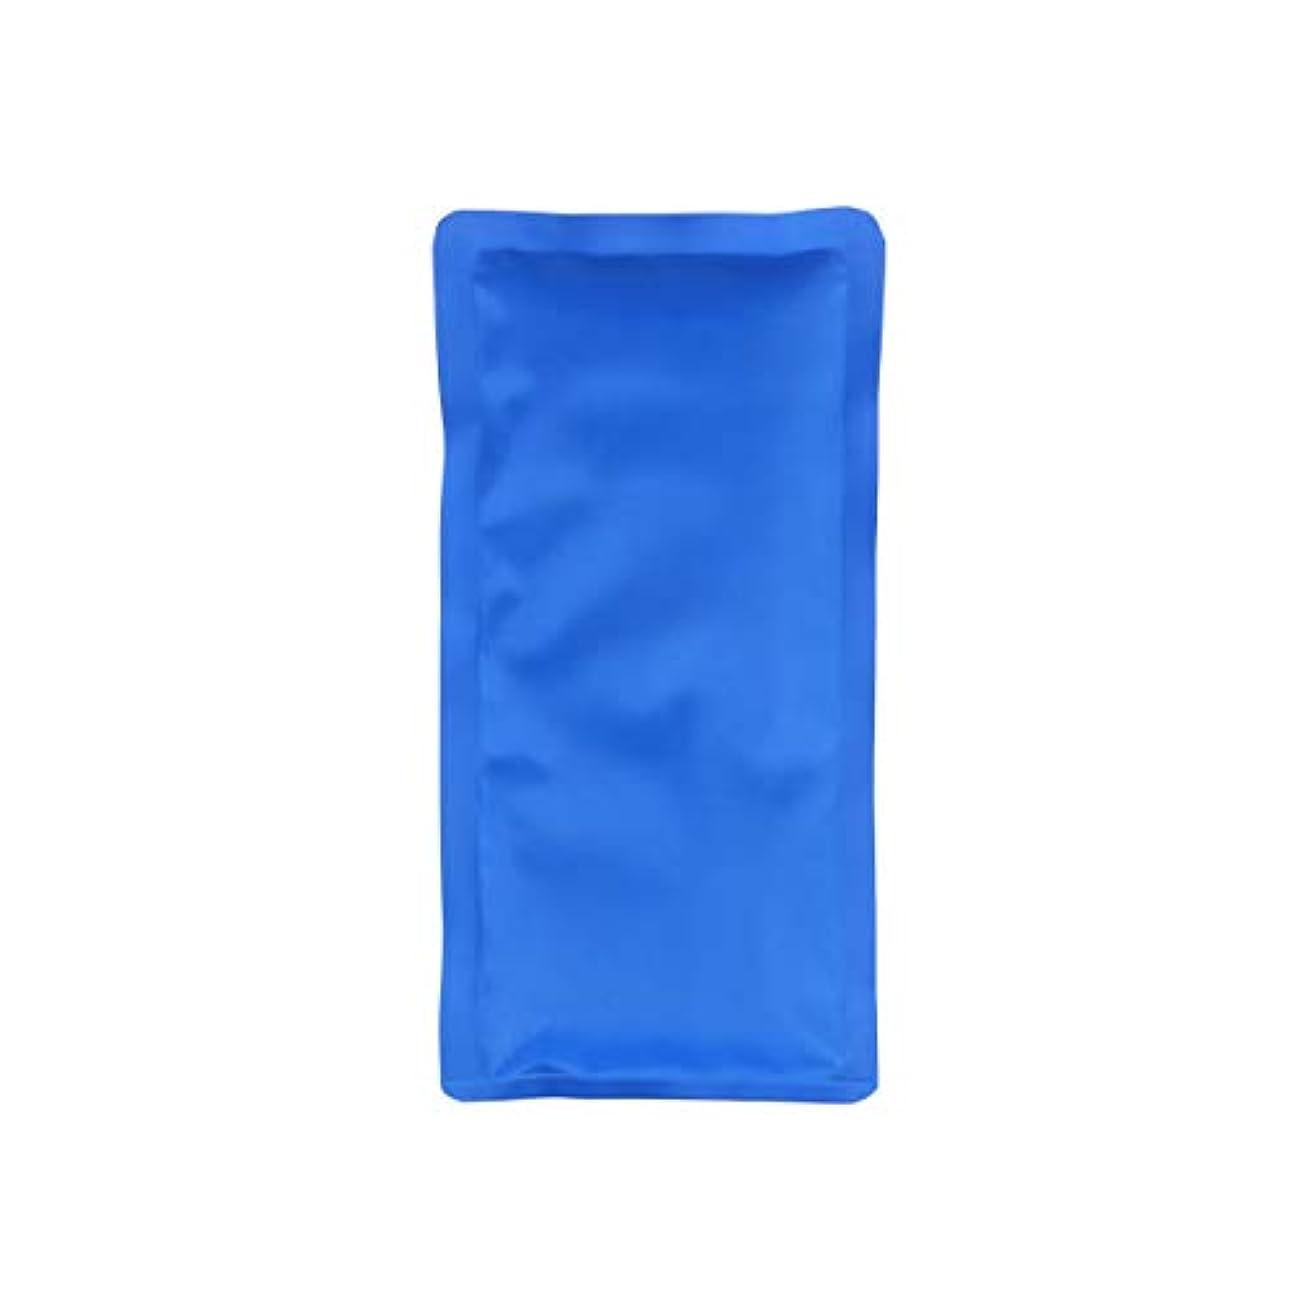 テナント加速する援助傷害の子供および大人350MLのための熱い冷たいゲルのアイスパックの圧縮の覆い